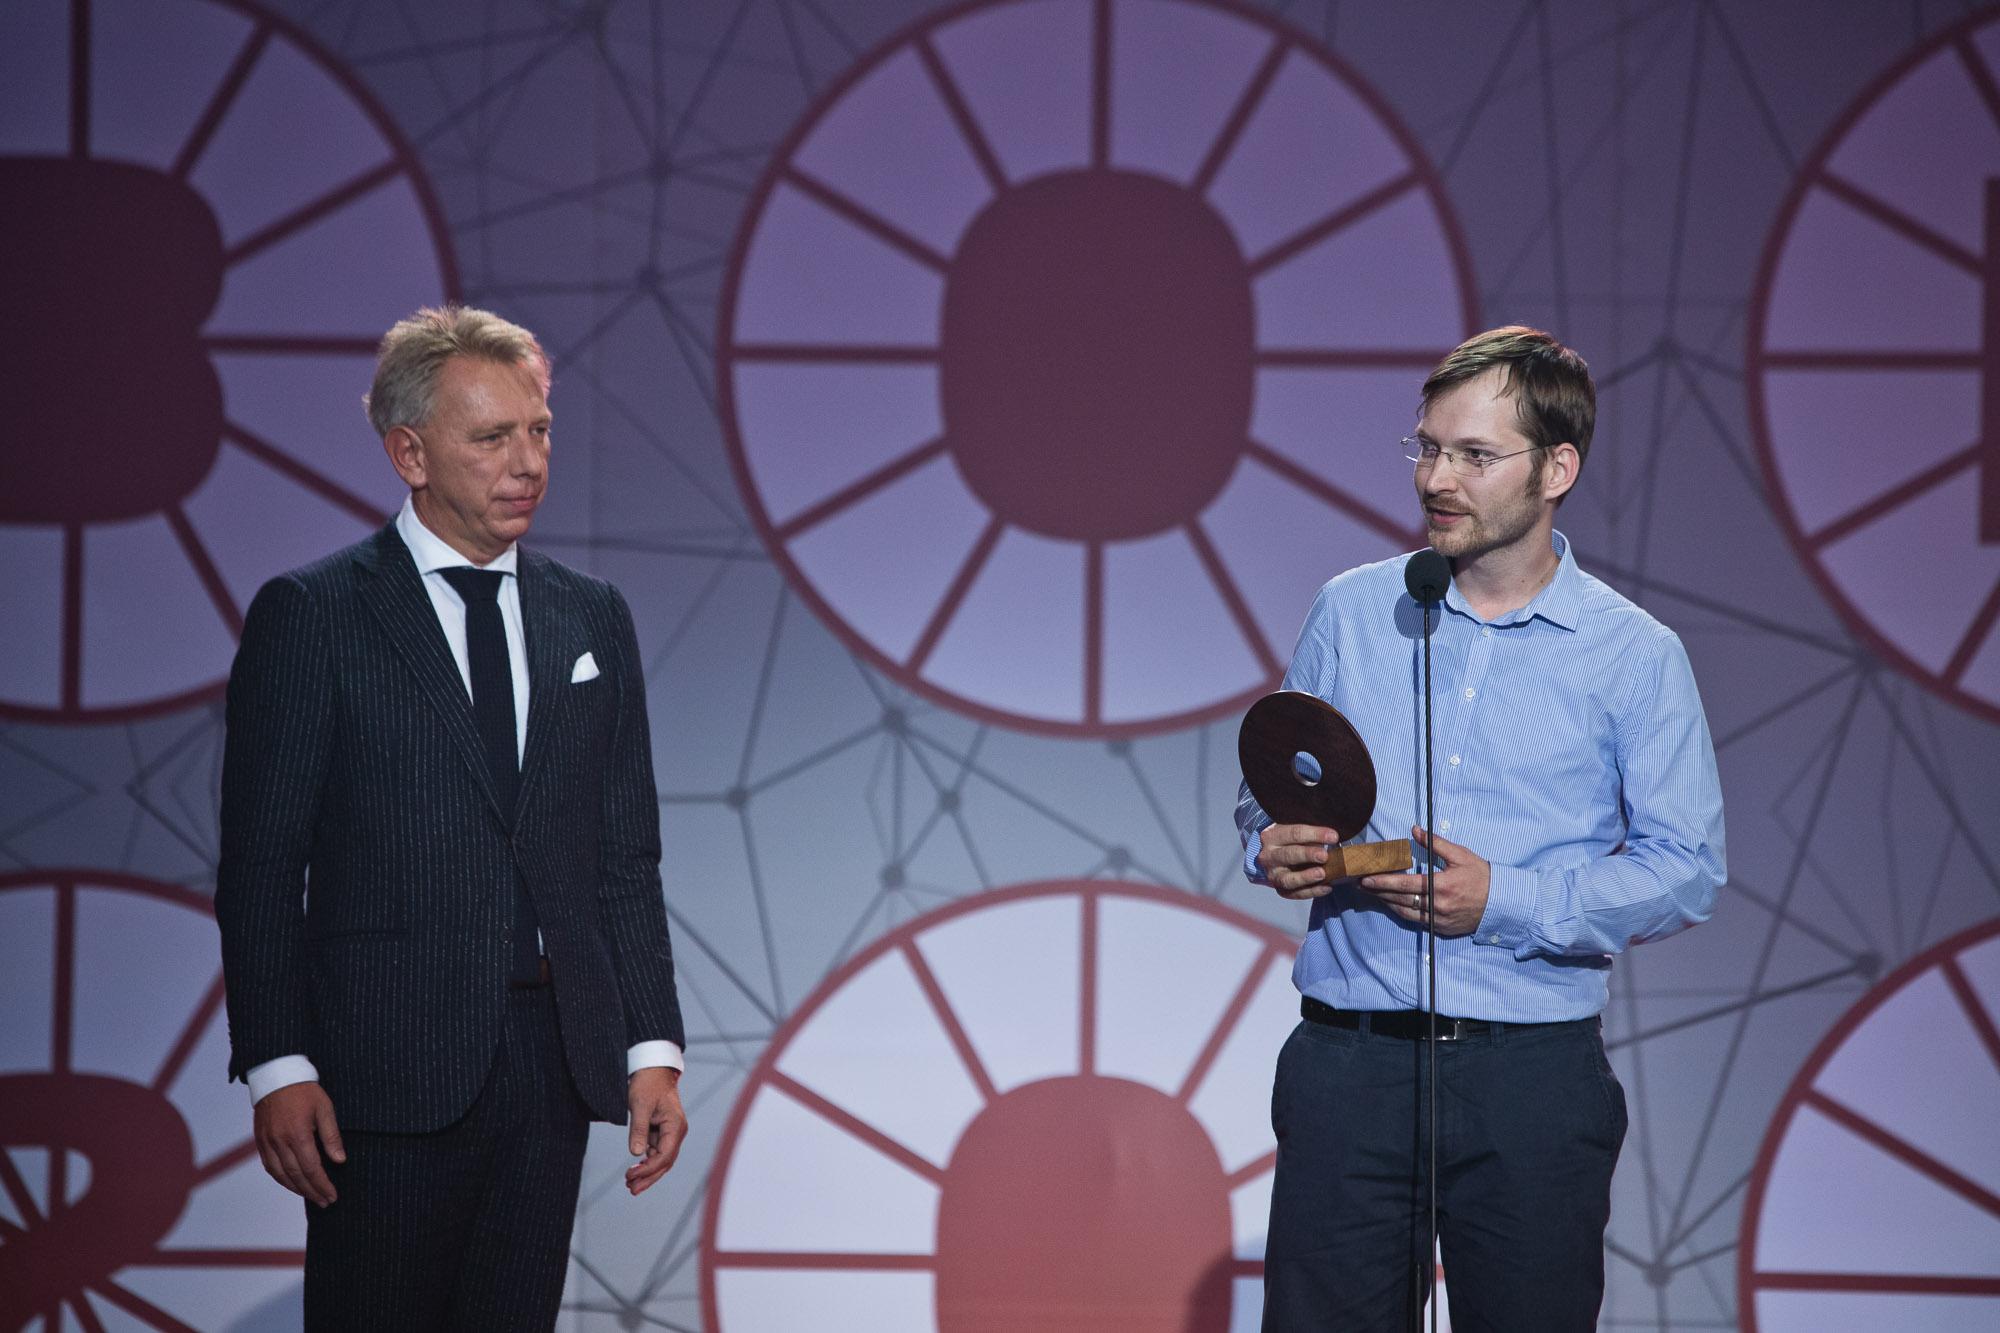 Mirety Dian, spoluzakladateľ spoločnosti 2brothers, si prevzial ocenenie v kategórii Zelená firma.